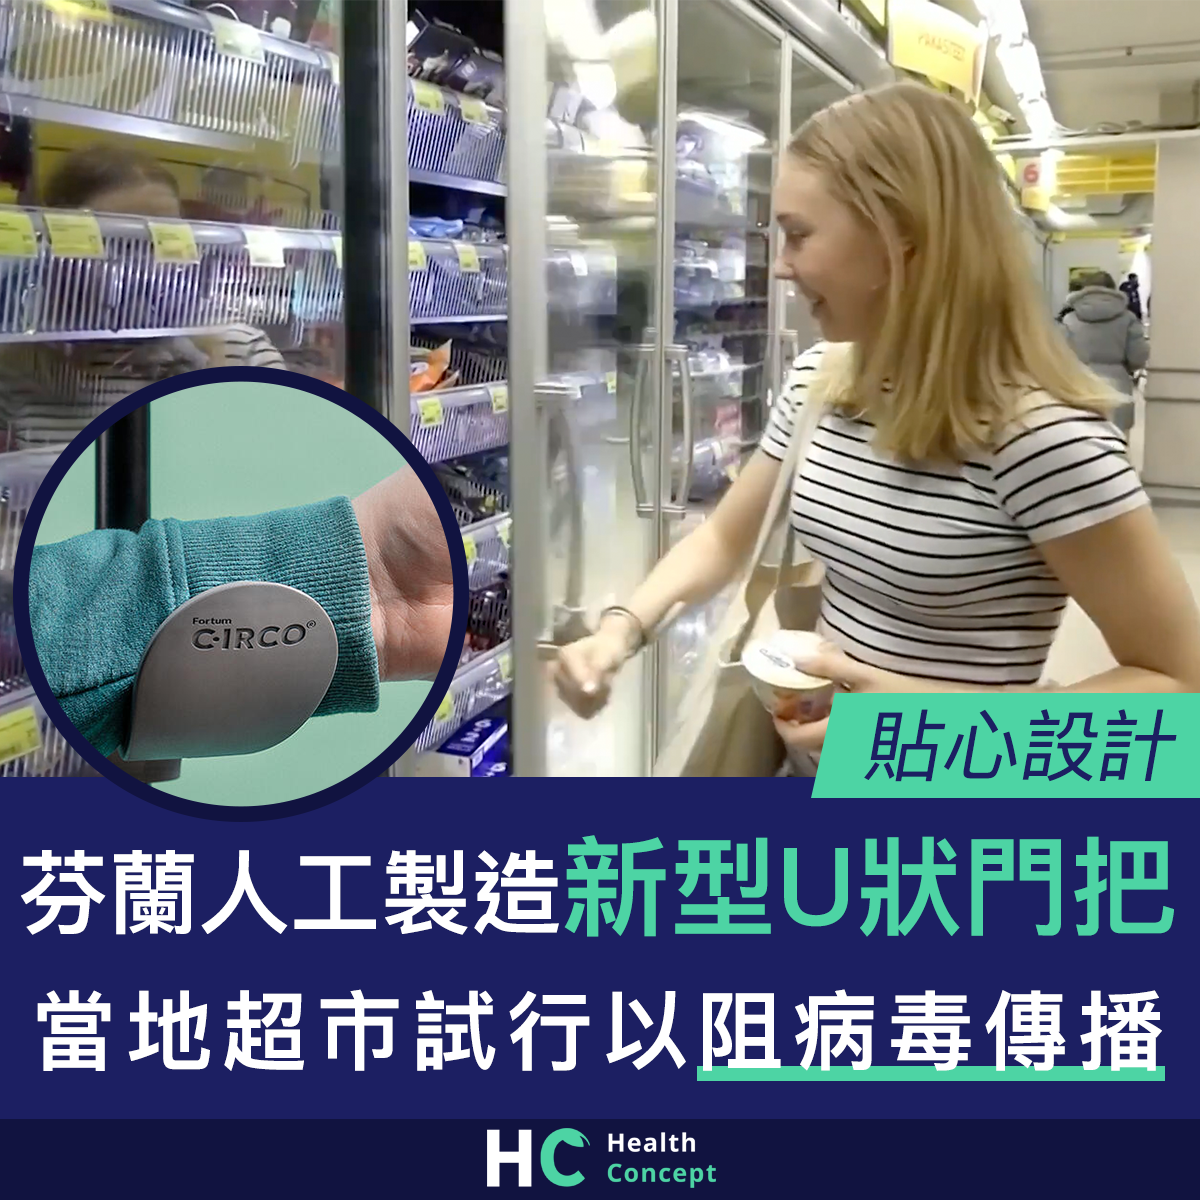 【#武漢肺炎】芬蘭人工製造「新型U狀門把」 當地超市試行以阻病毒傳播